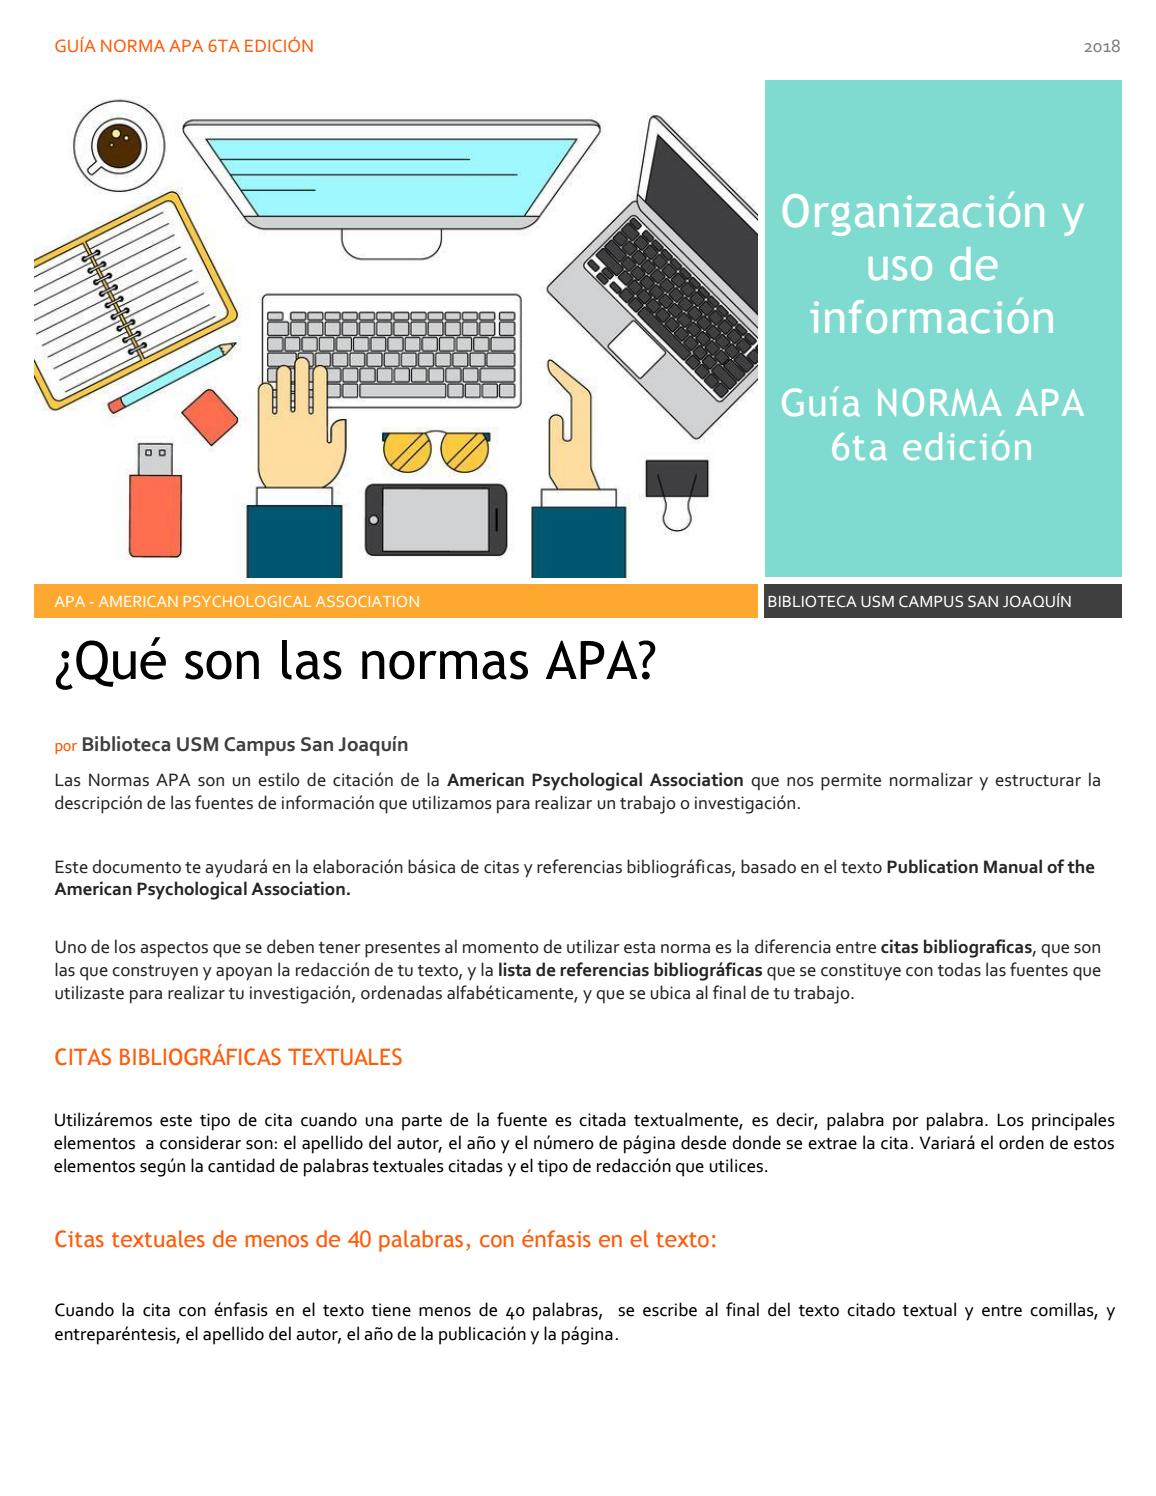 Organización Y Uso De Información Guía Norma Apa 6ta Ed